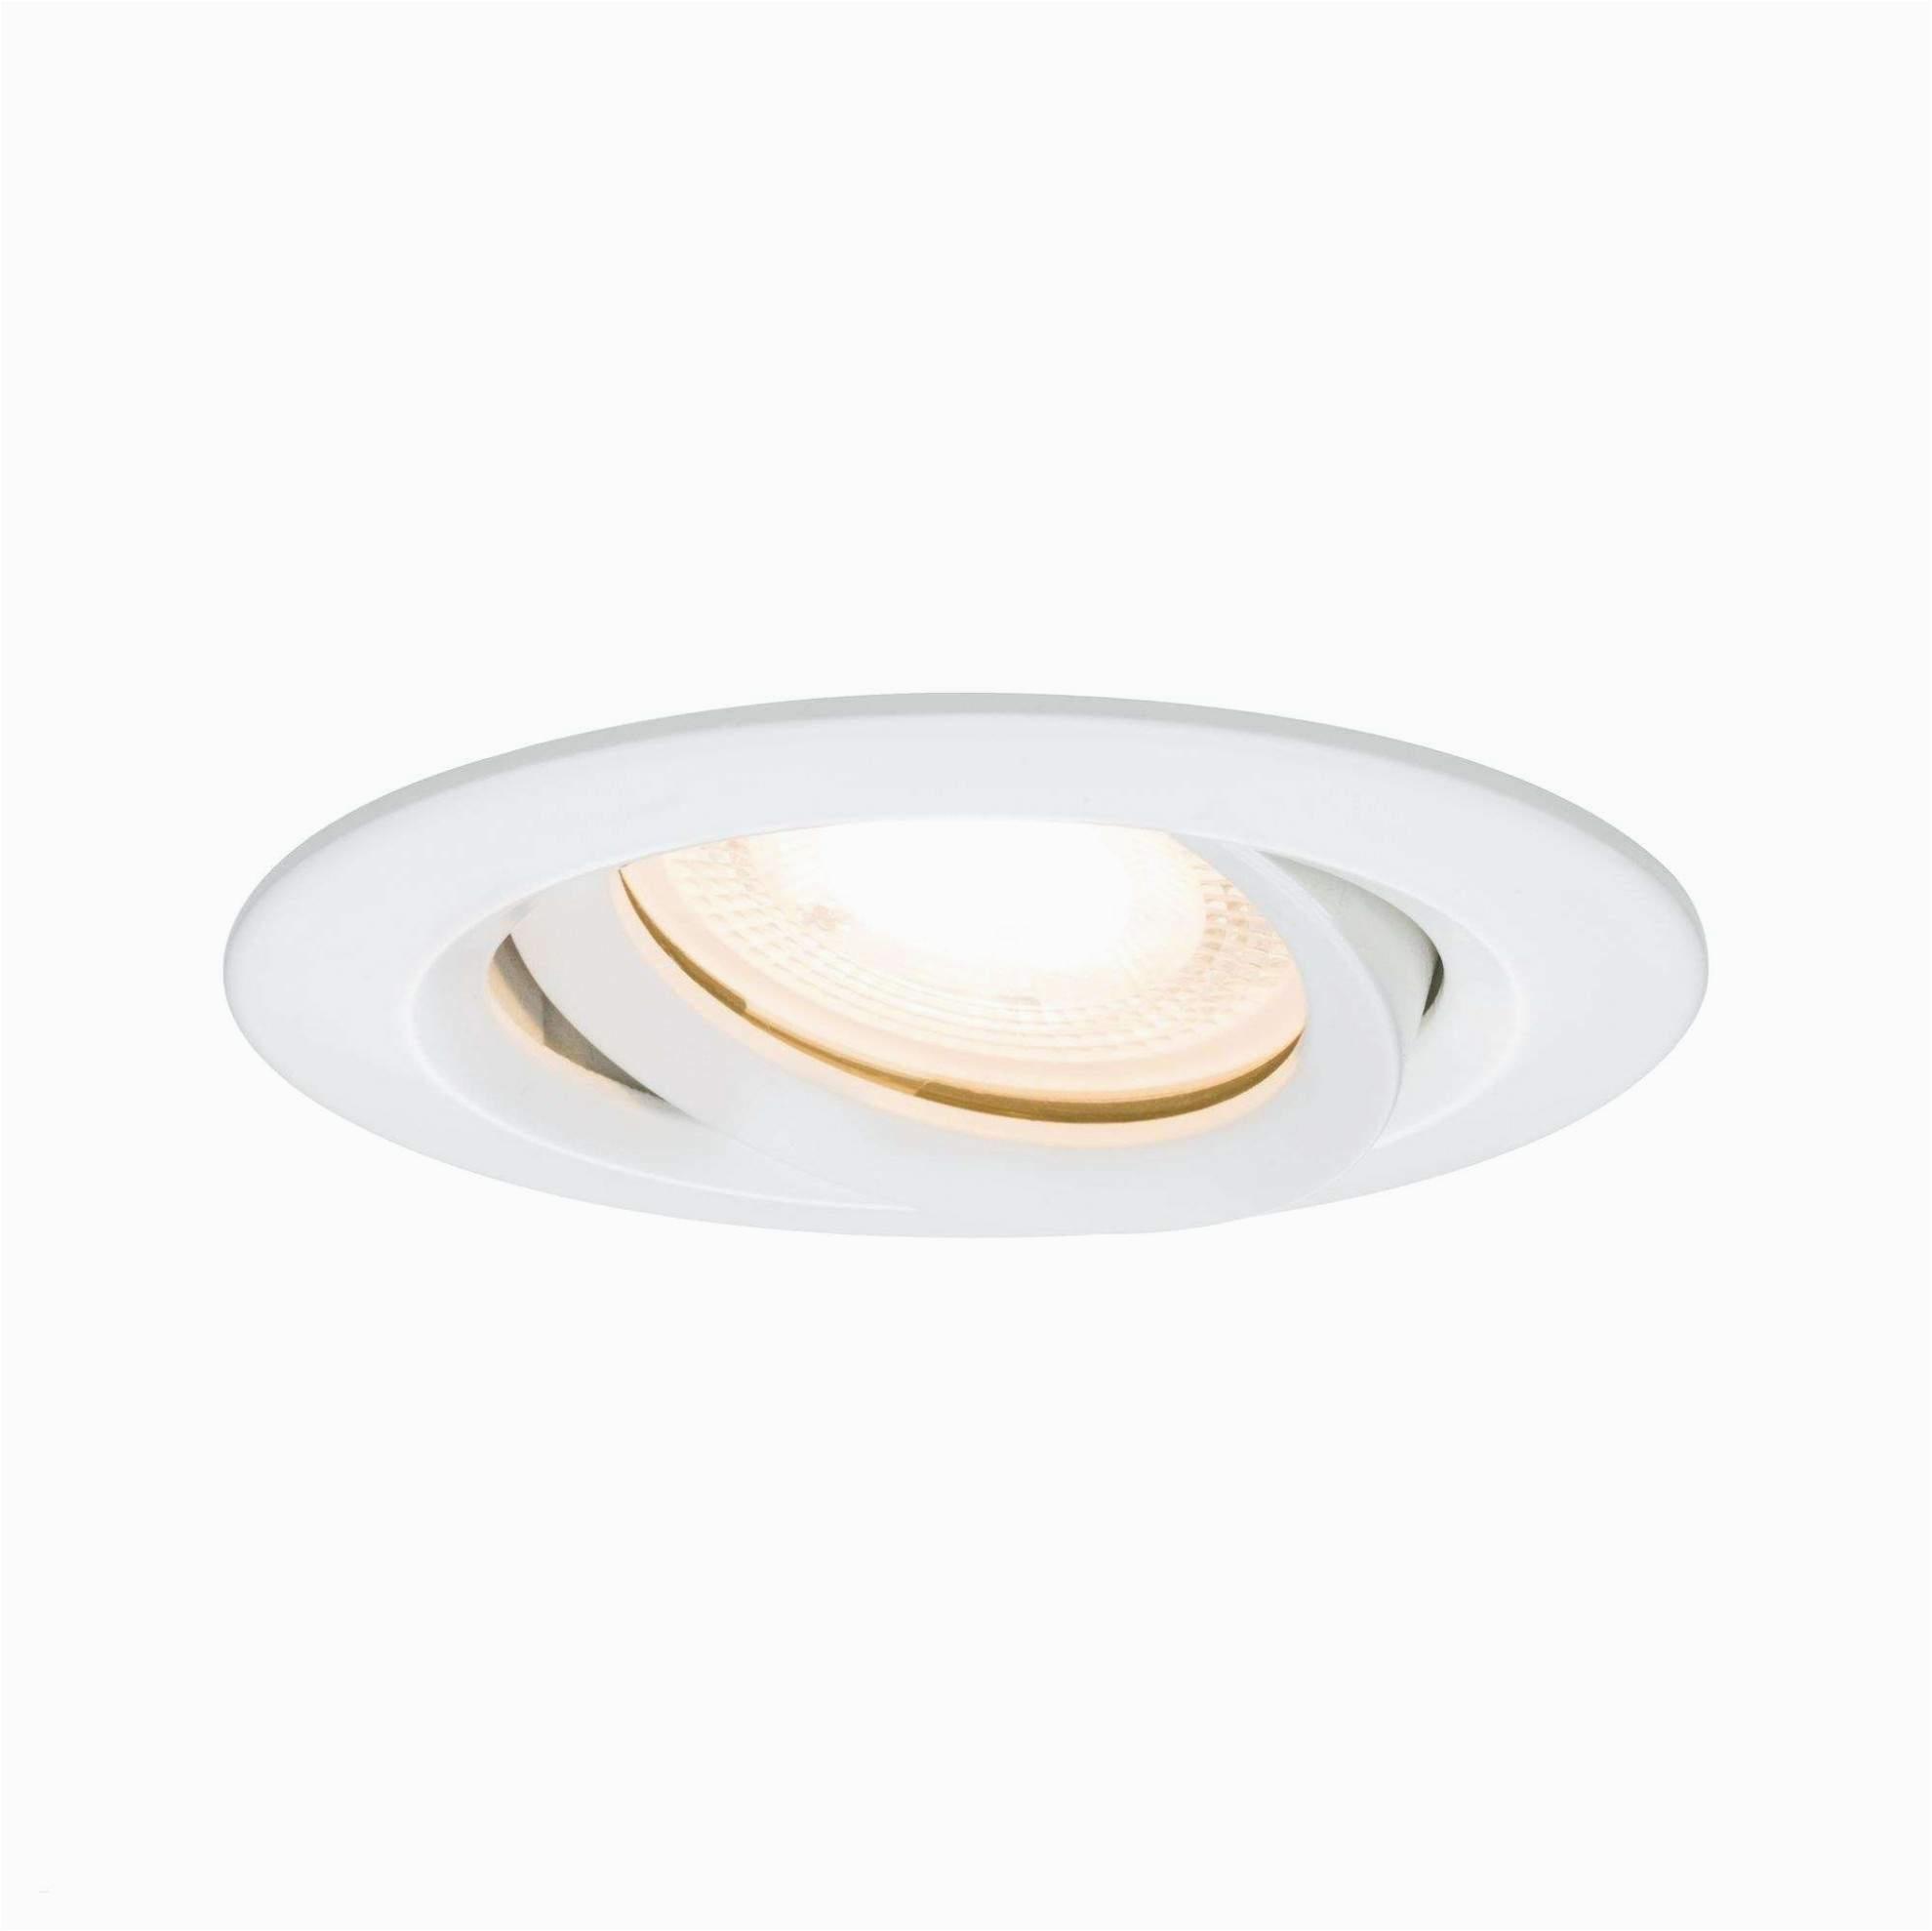 deckenlampe wohnzimmer dimmbar schon deckenleuchten wohnzimmer modern frisch led deckenleuchte of deckenlampe wohnzimmer dimmbar